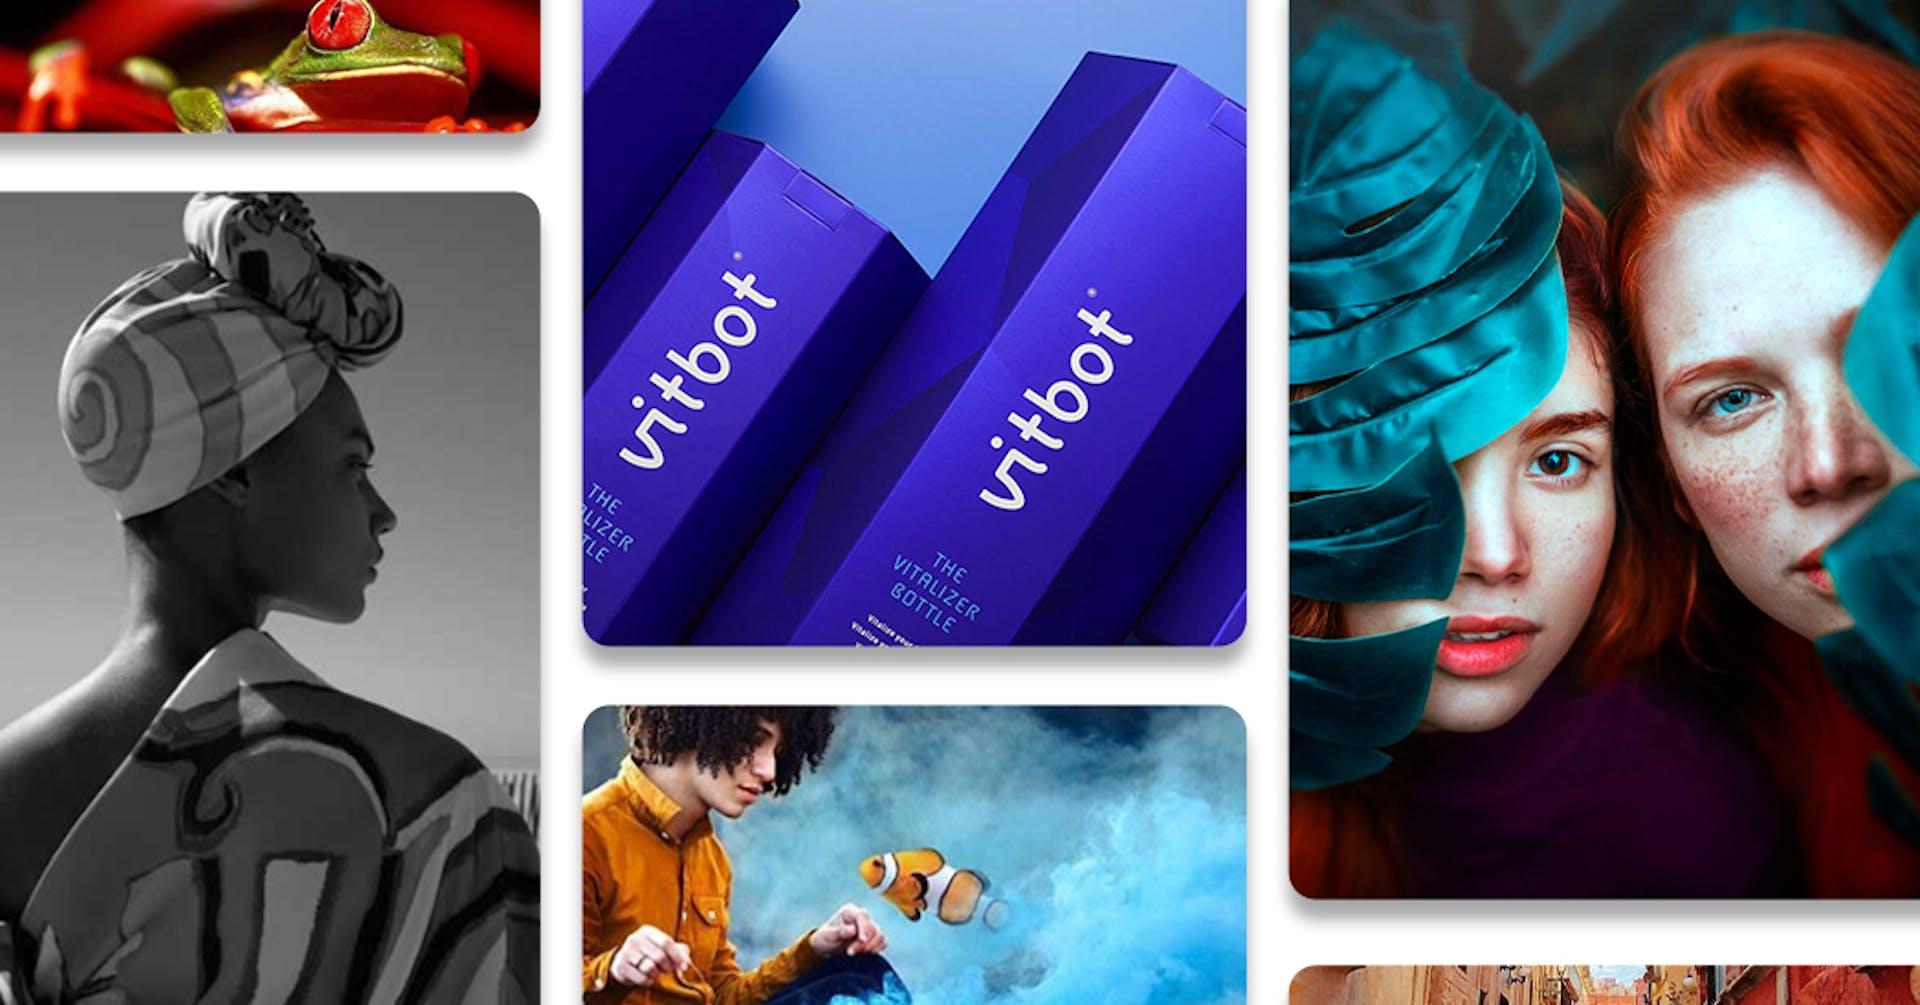 Los portafolios de nuestros profesores de Fotografía. ¡Inspírate con ellos!